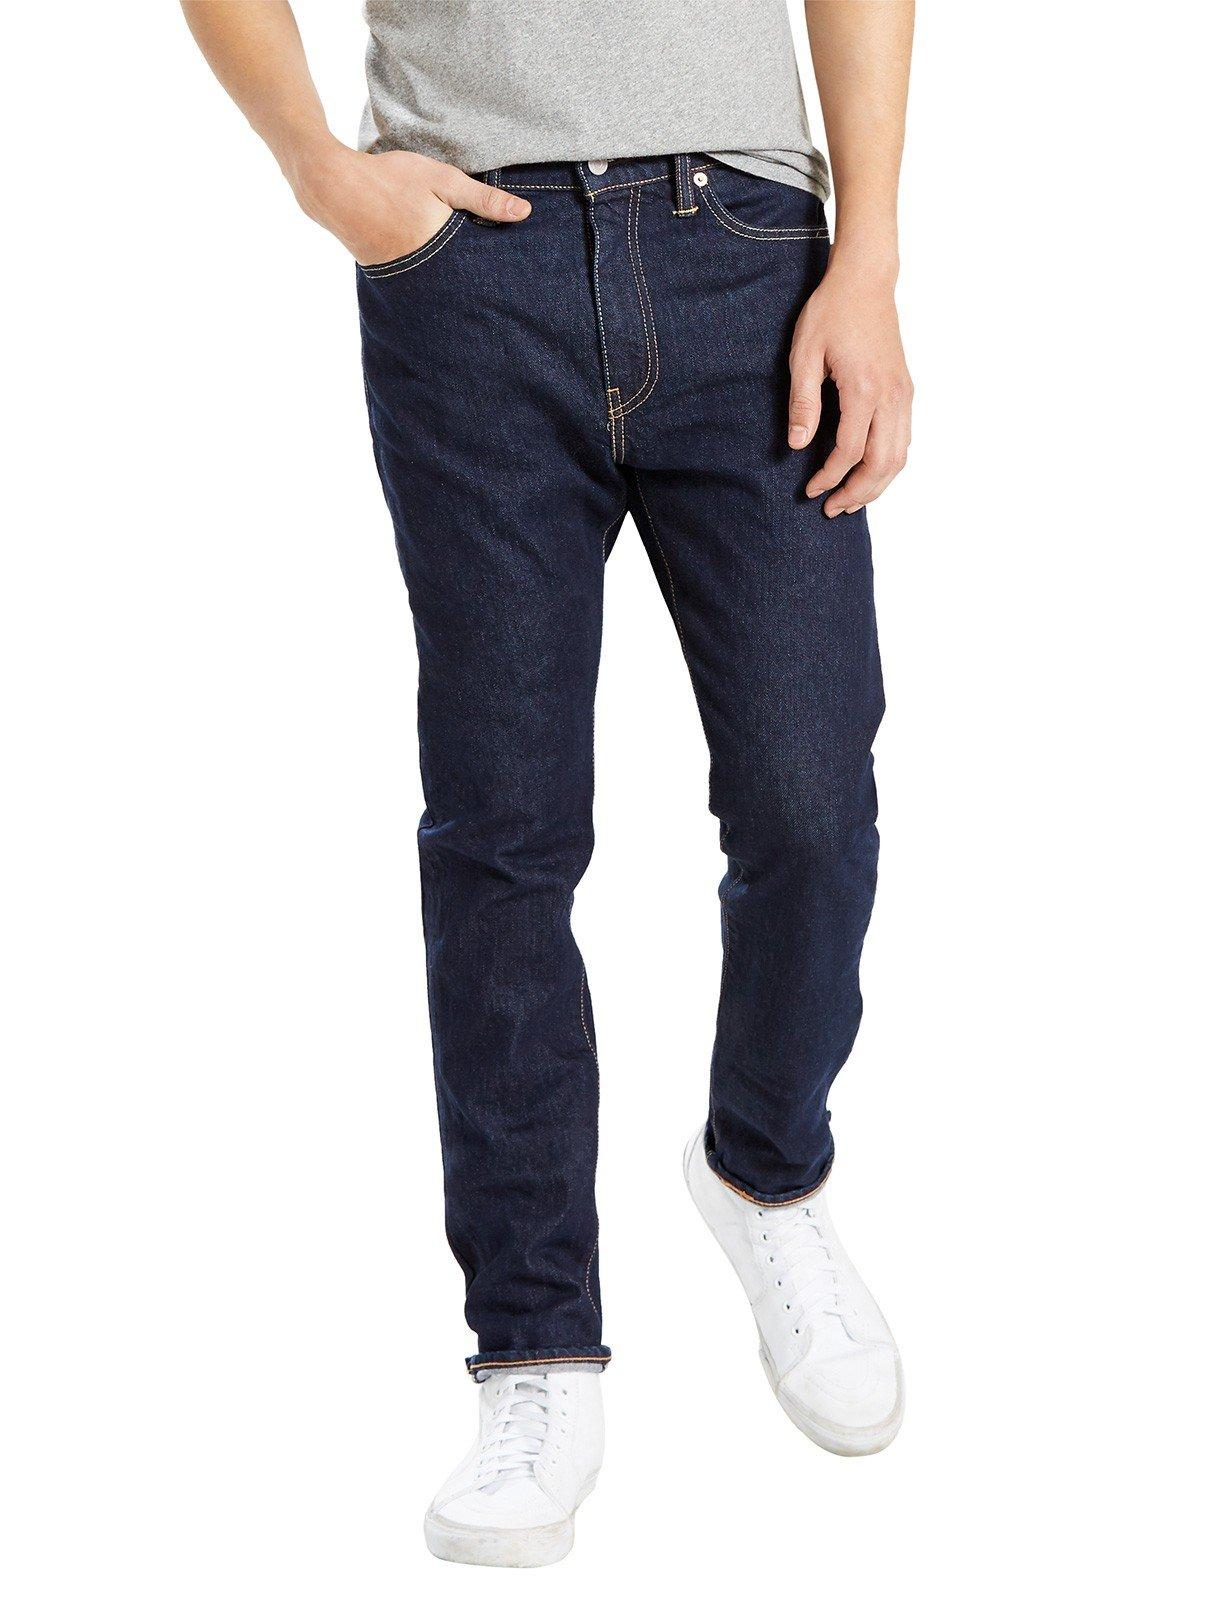 Levi's Men's 510 Skinny Fit Jeans, Blue, 34W x 30L